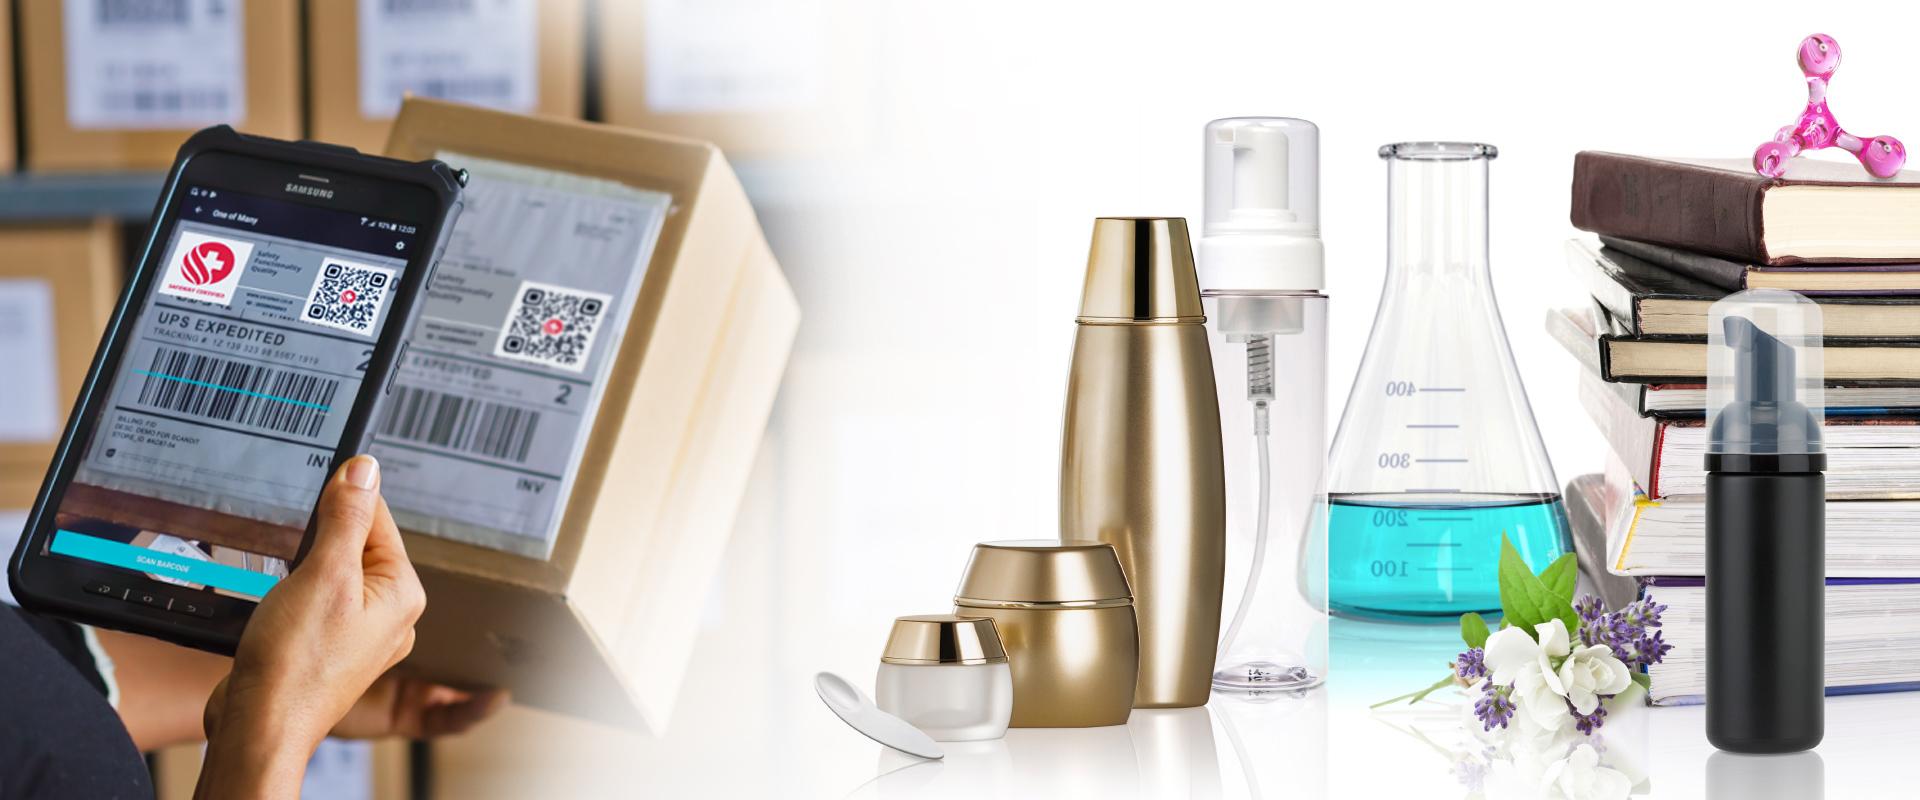 مواد شیمیایی در لوازم آرایشی